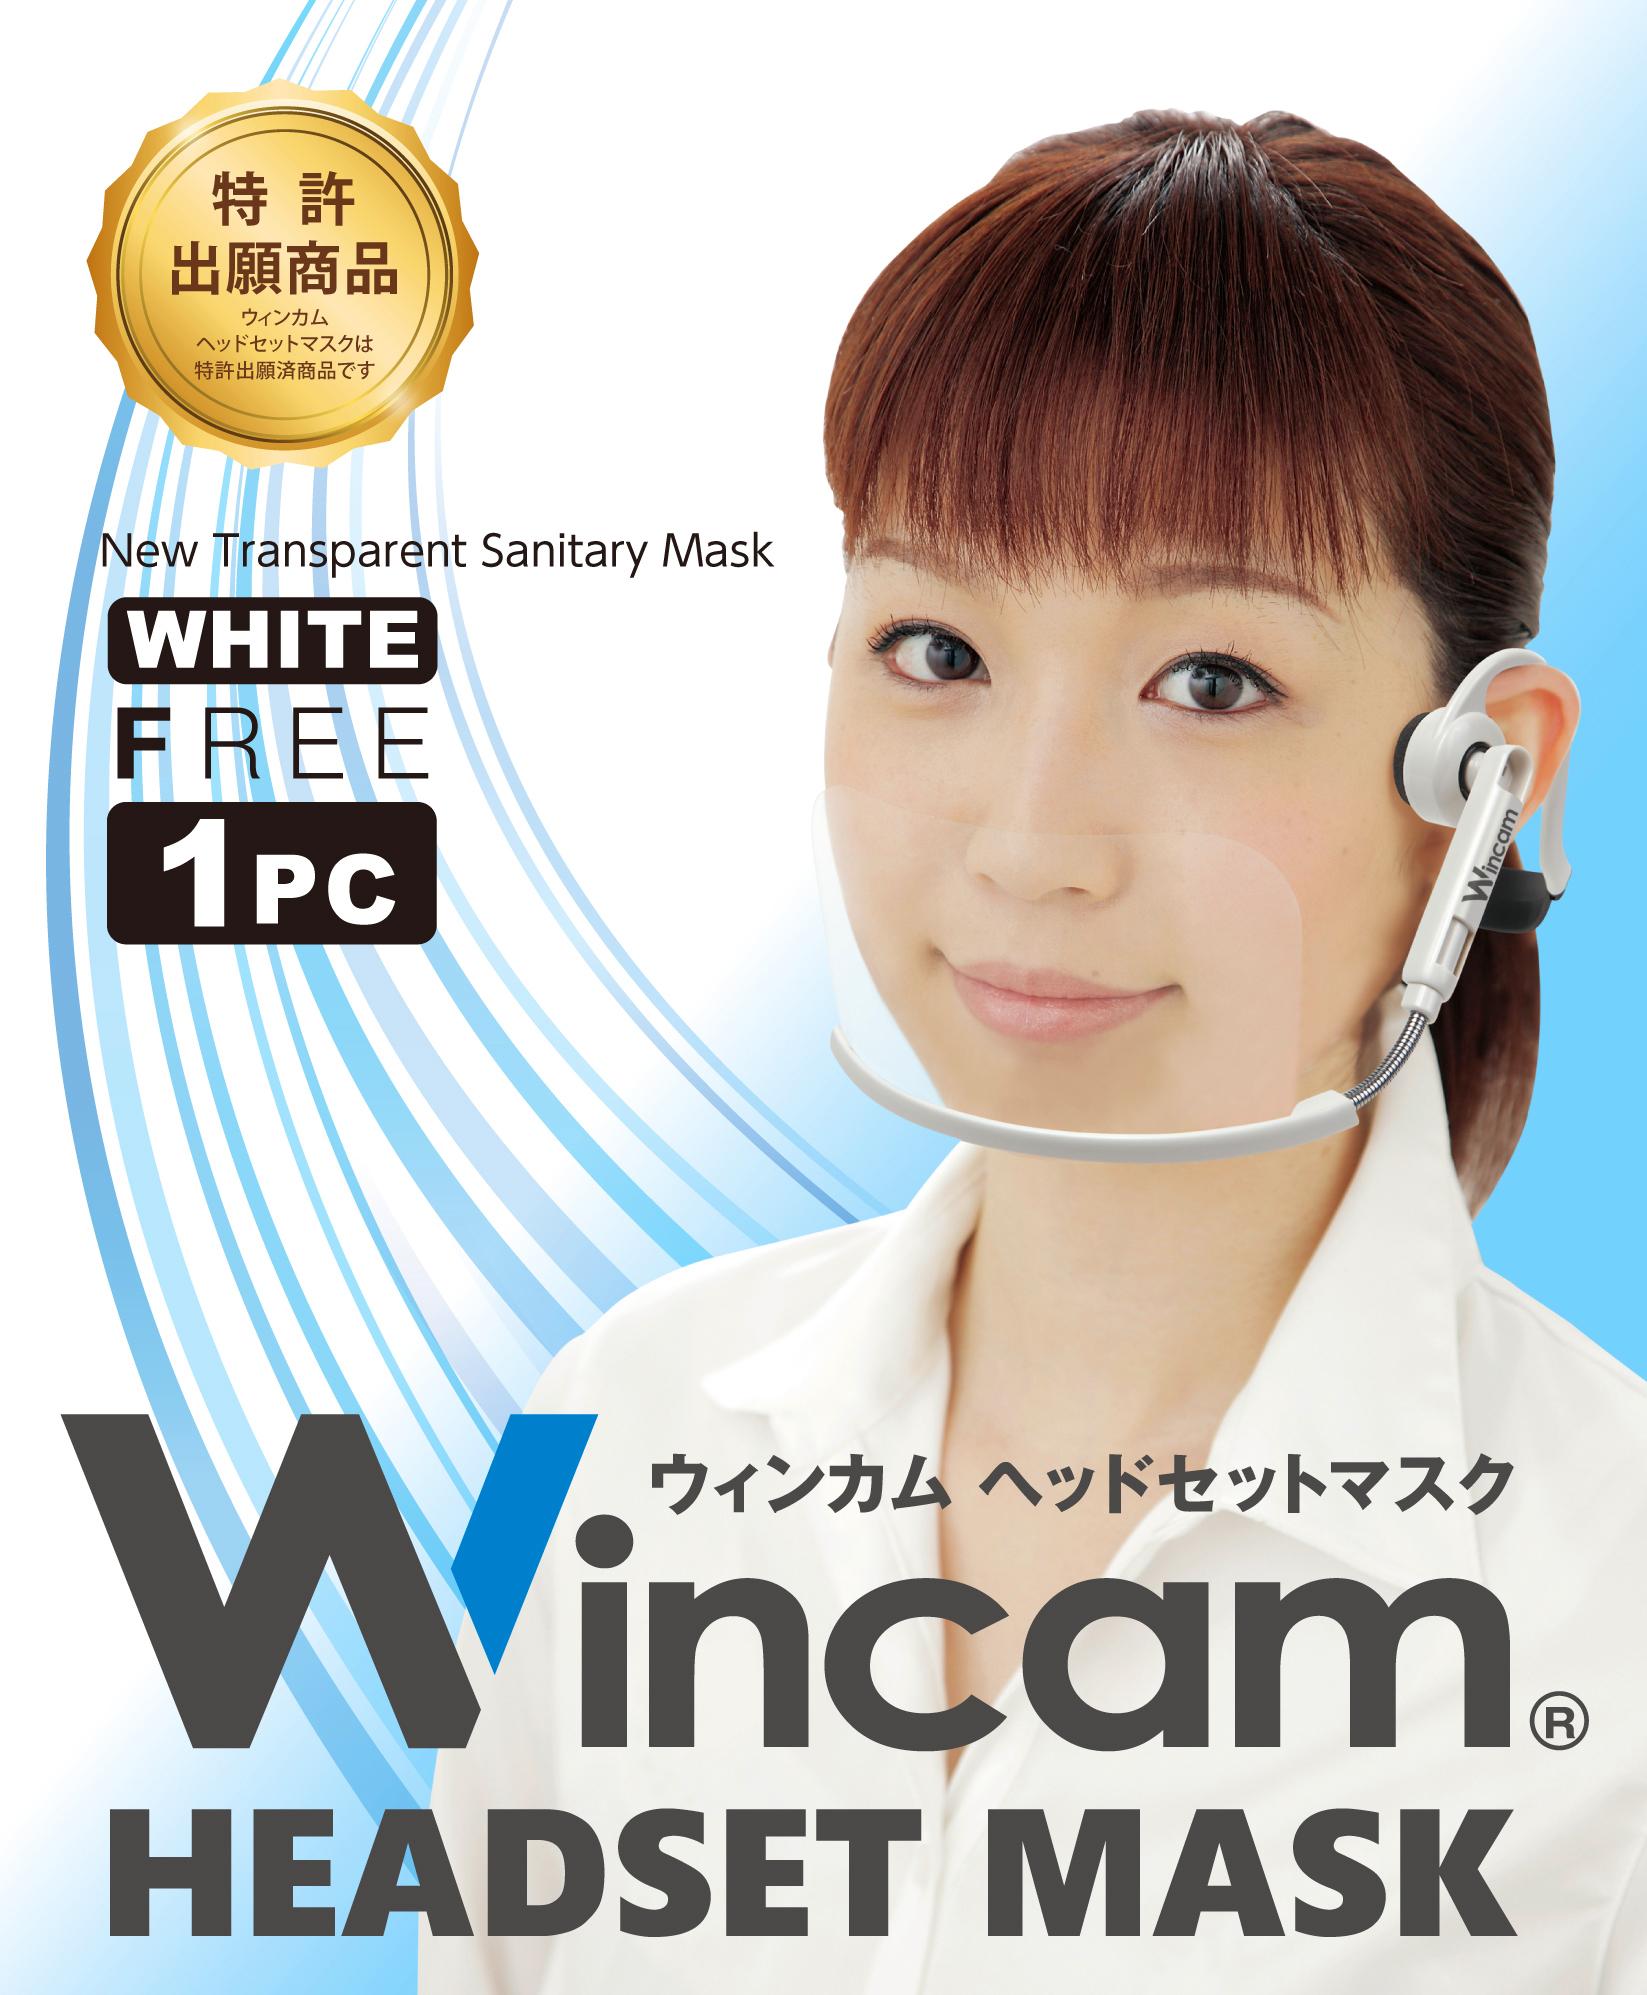 【7月20日販売開始】ウィンカム ヘッドセットマスク(1個入り)ホワイト